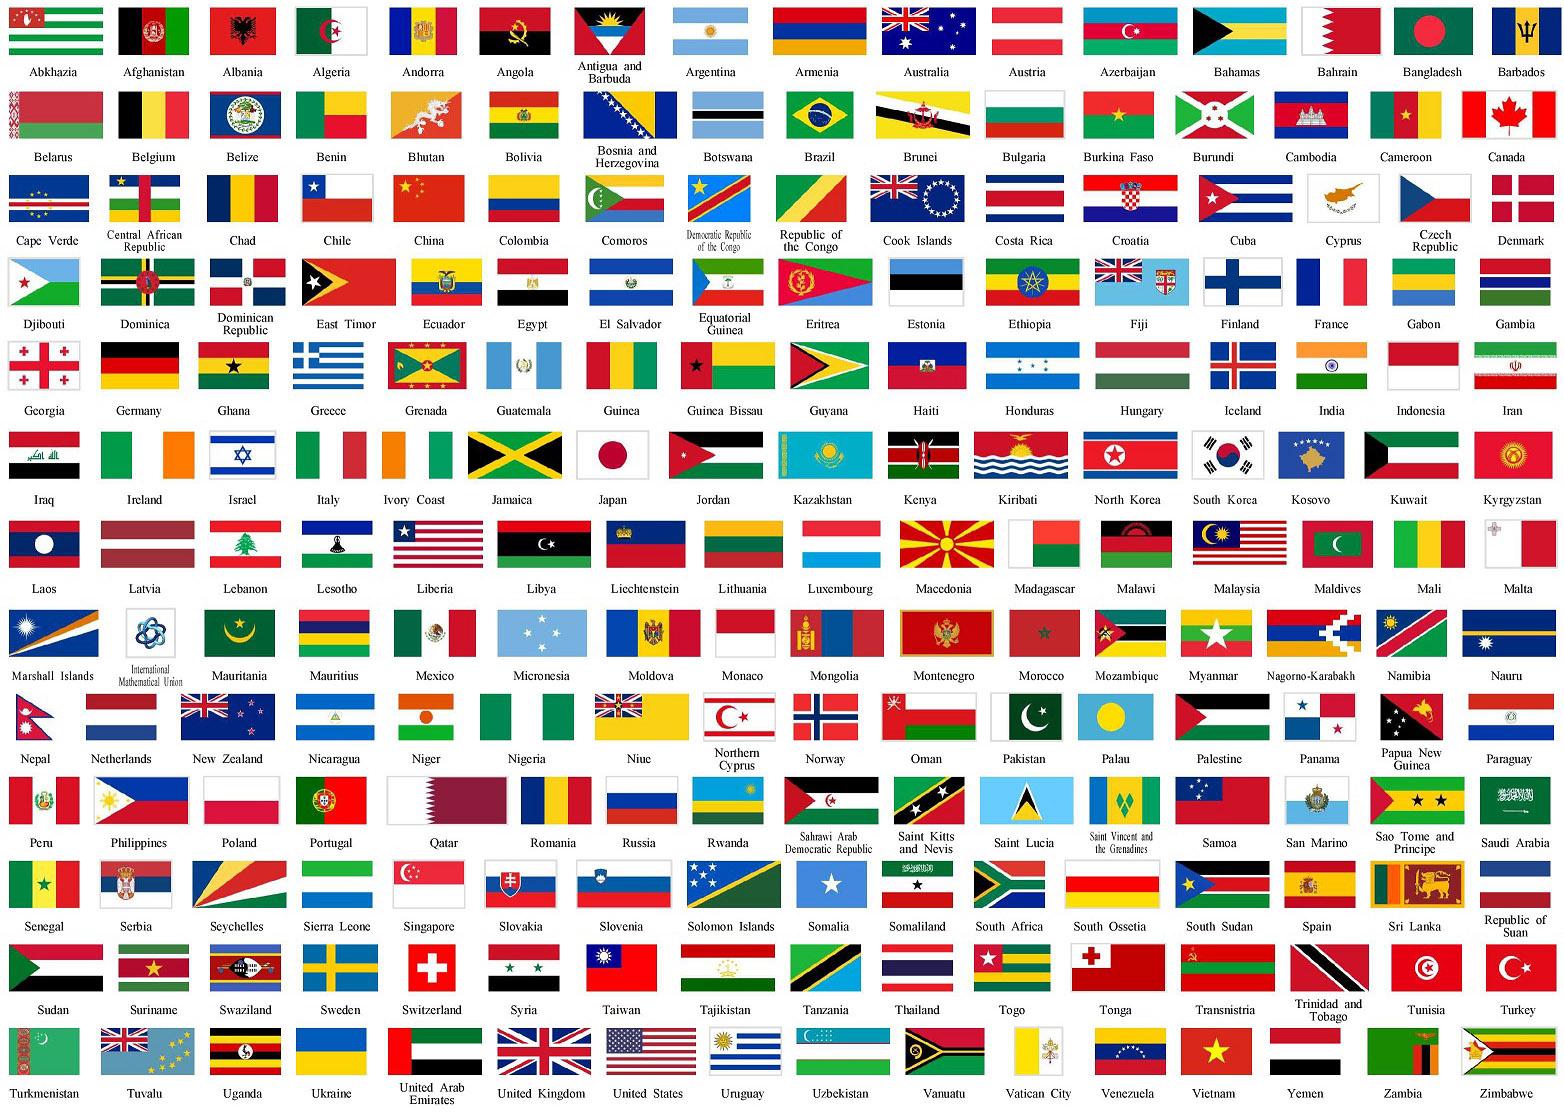 banderas de los paises en el mundo para imprimir